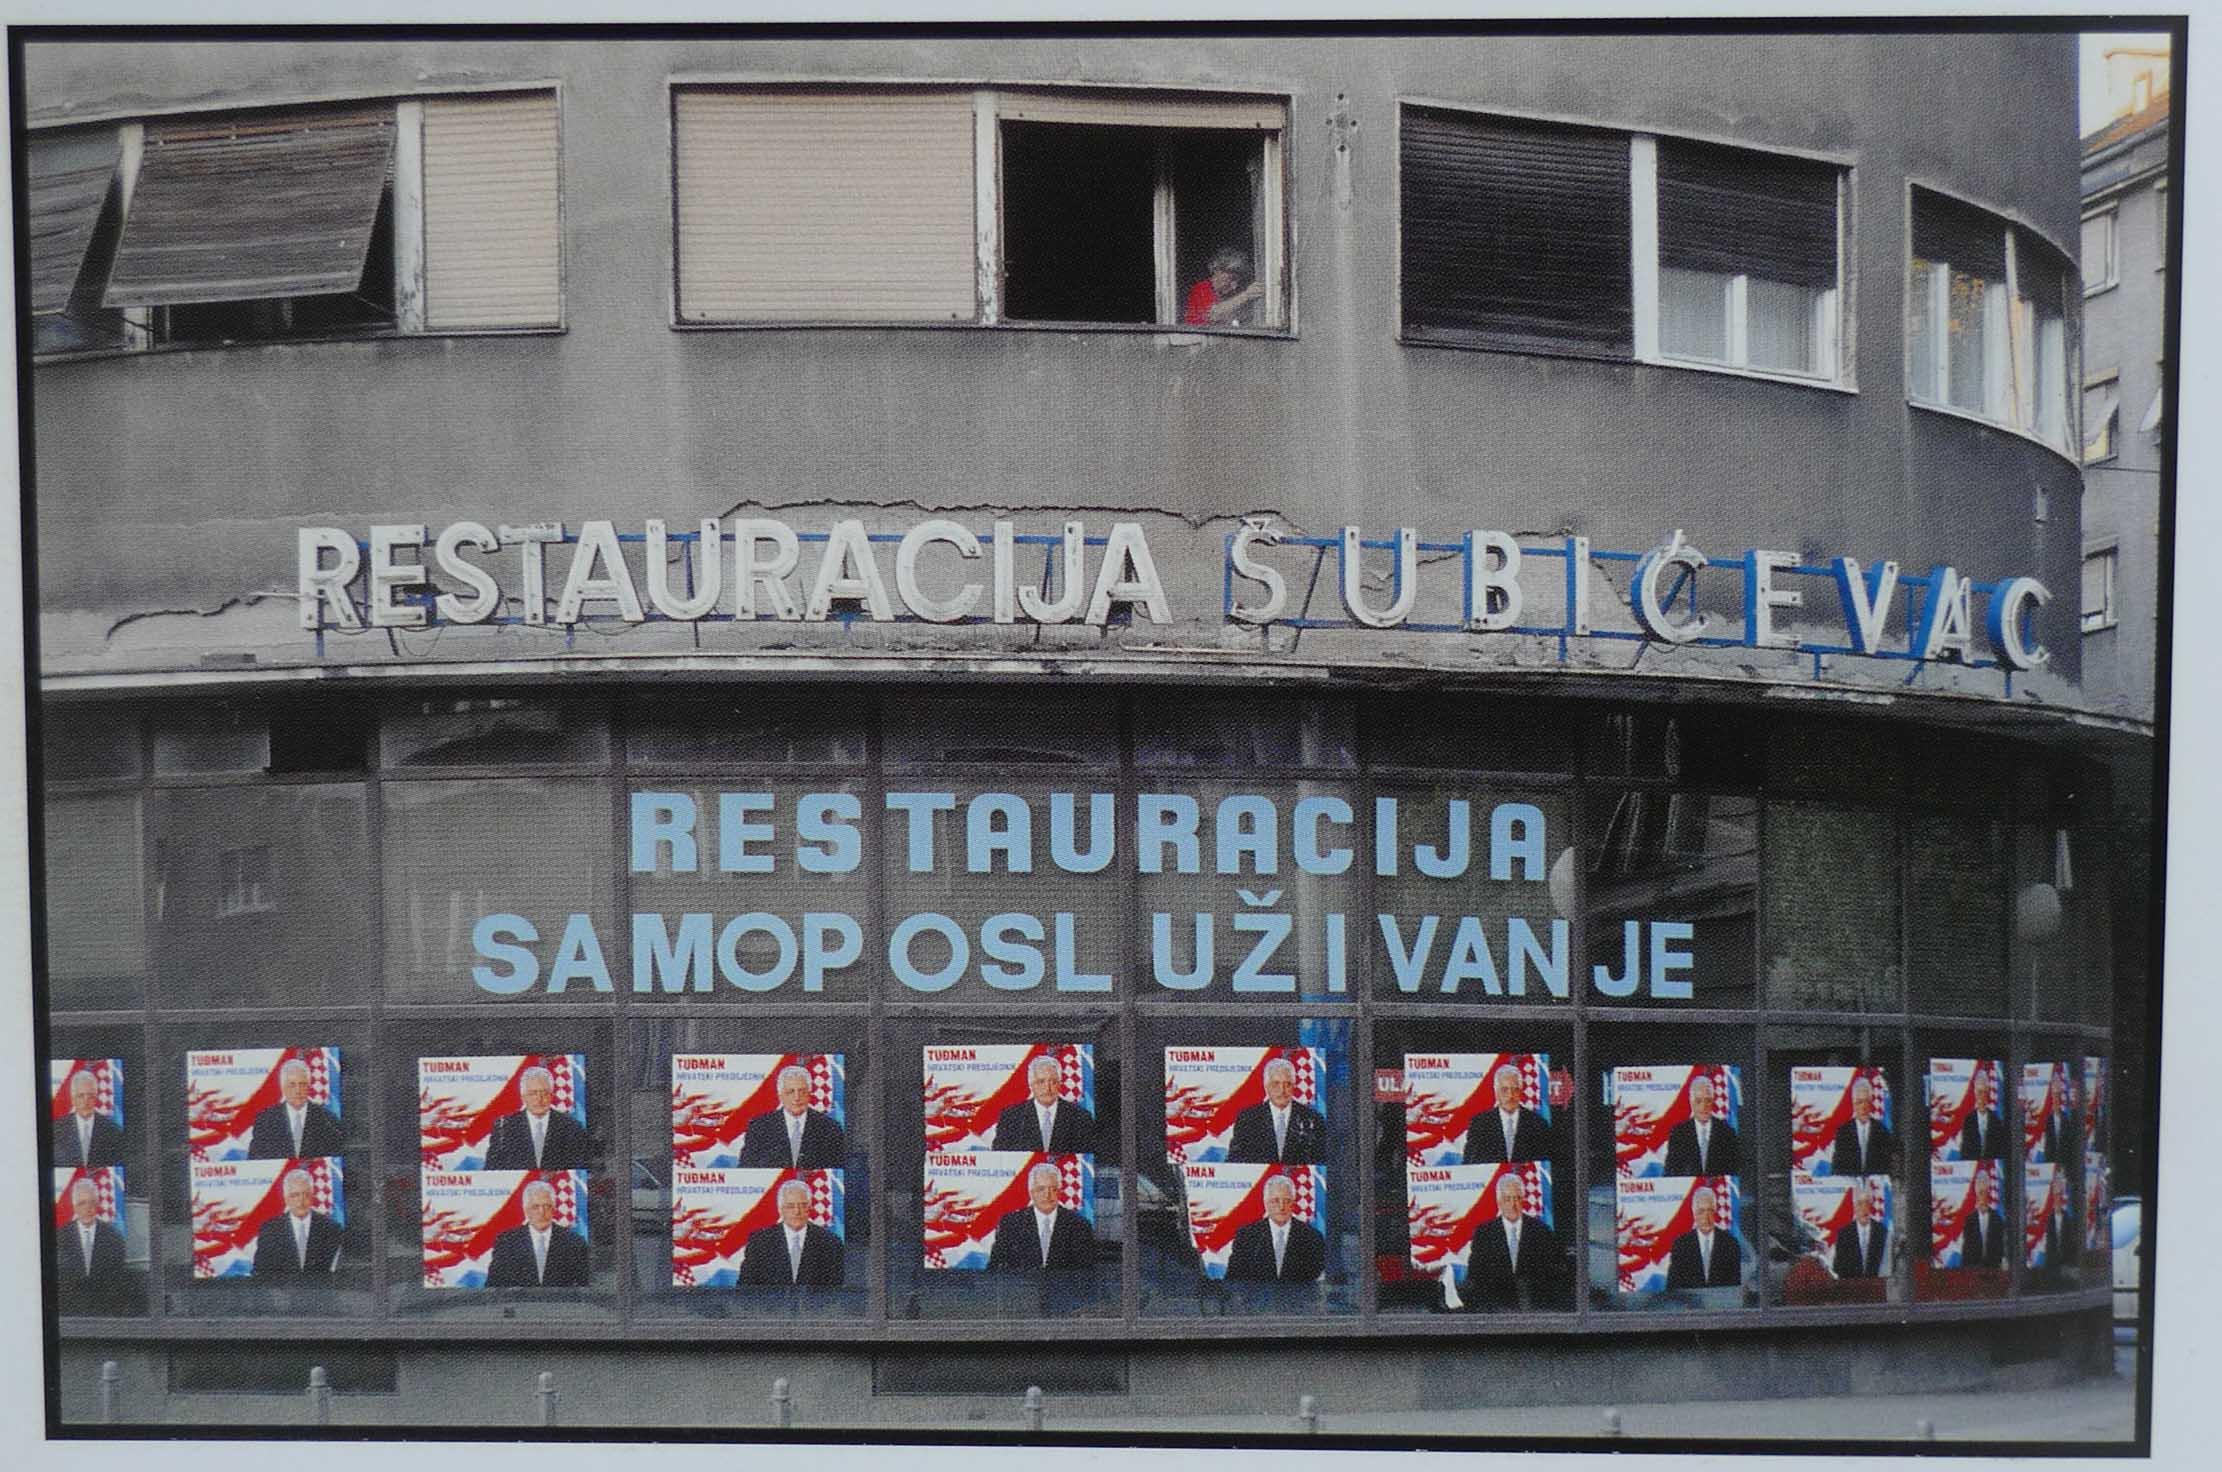 foto Mio Vesović 2